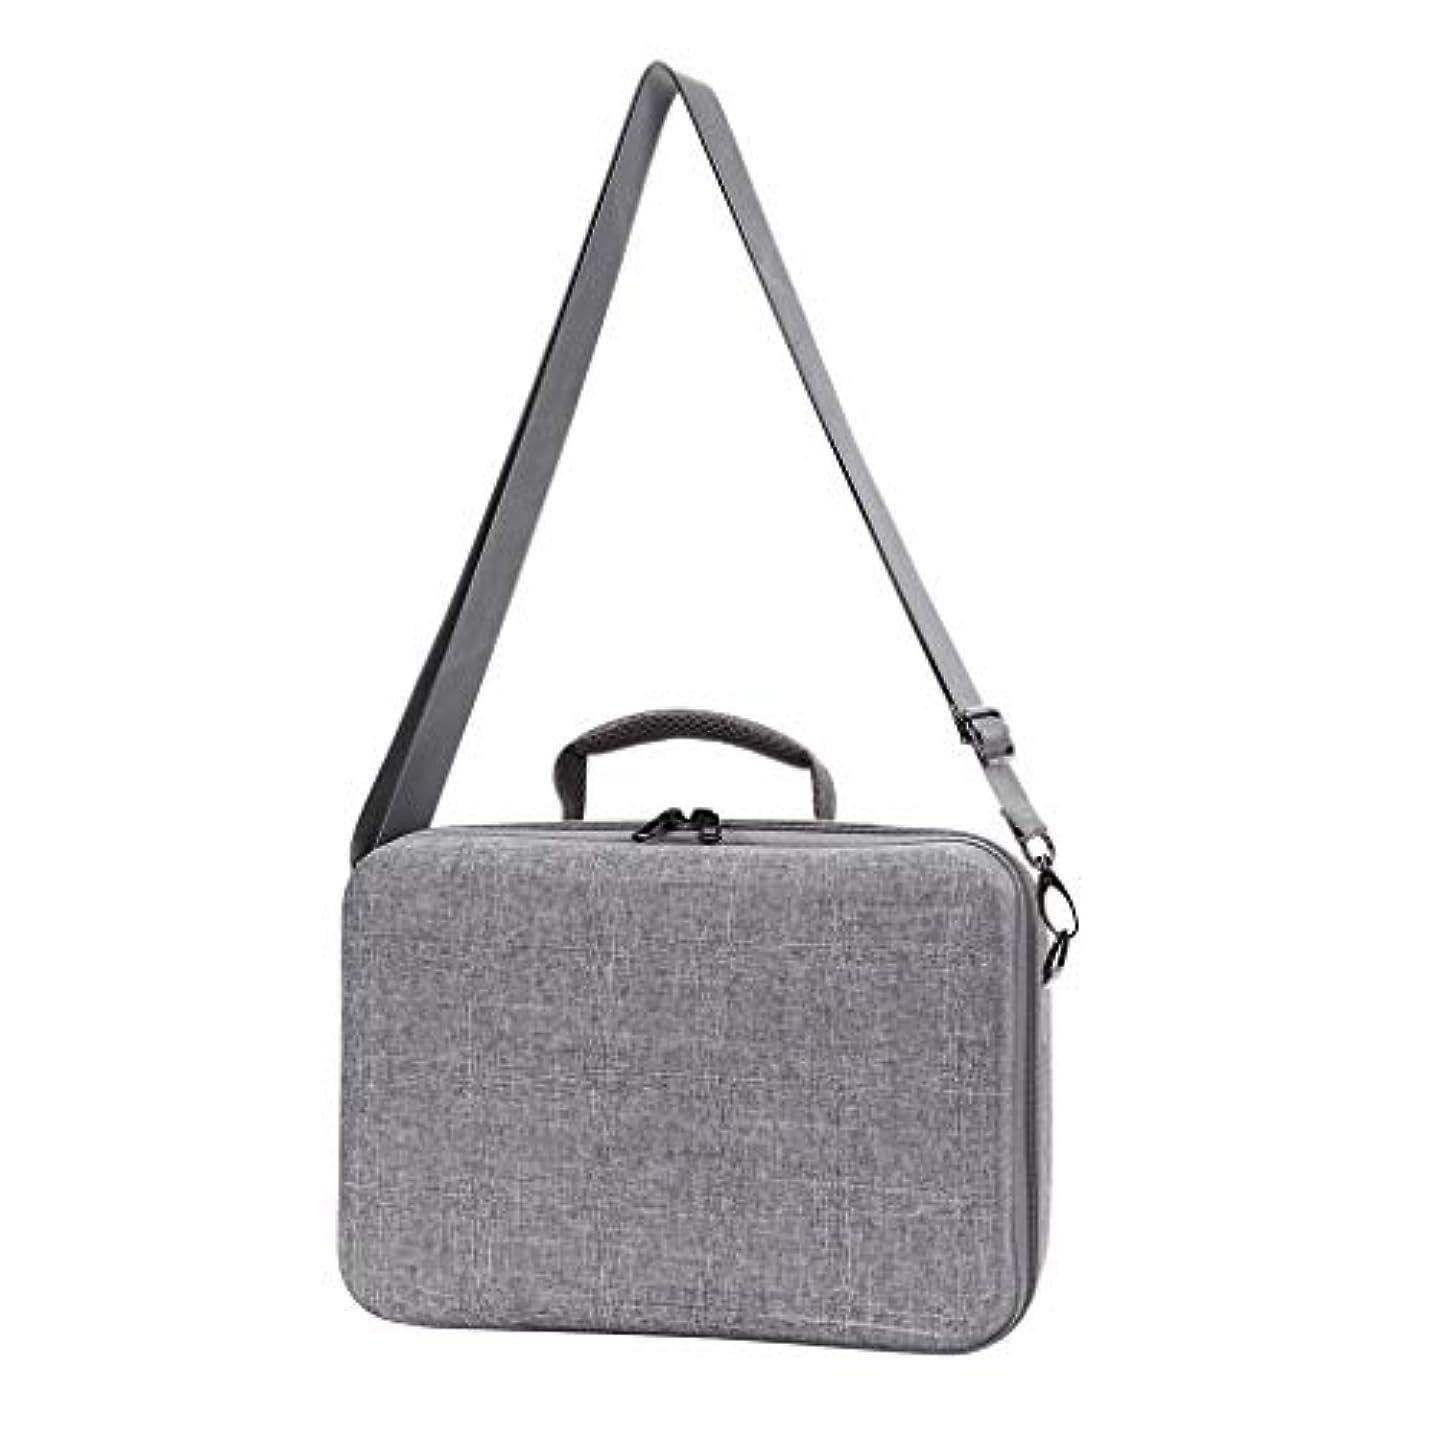 苦痛立方体かび臭い収納バッグ スーツケース 防水 道具 ケース 汎用性